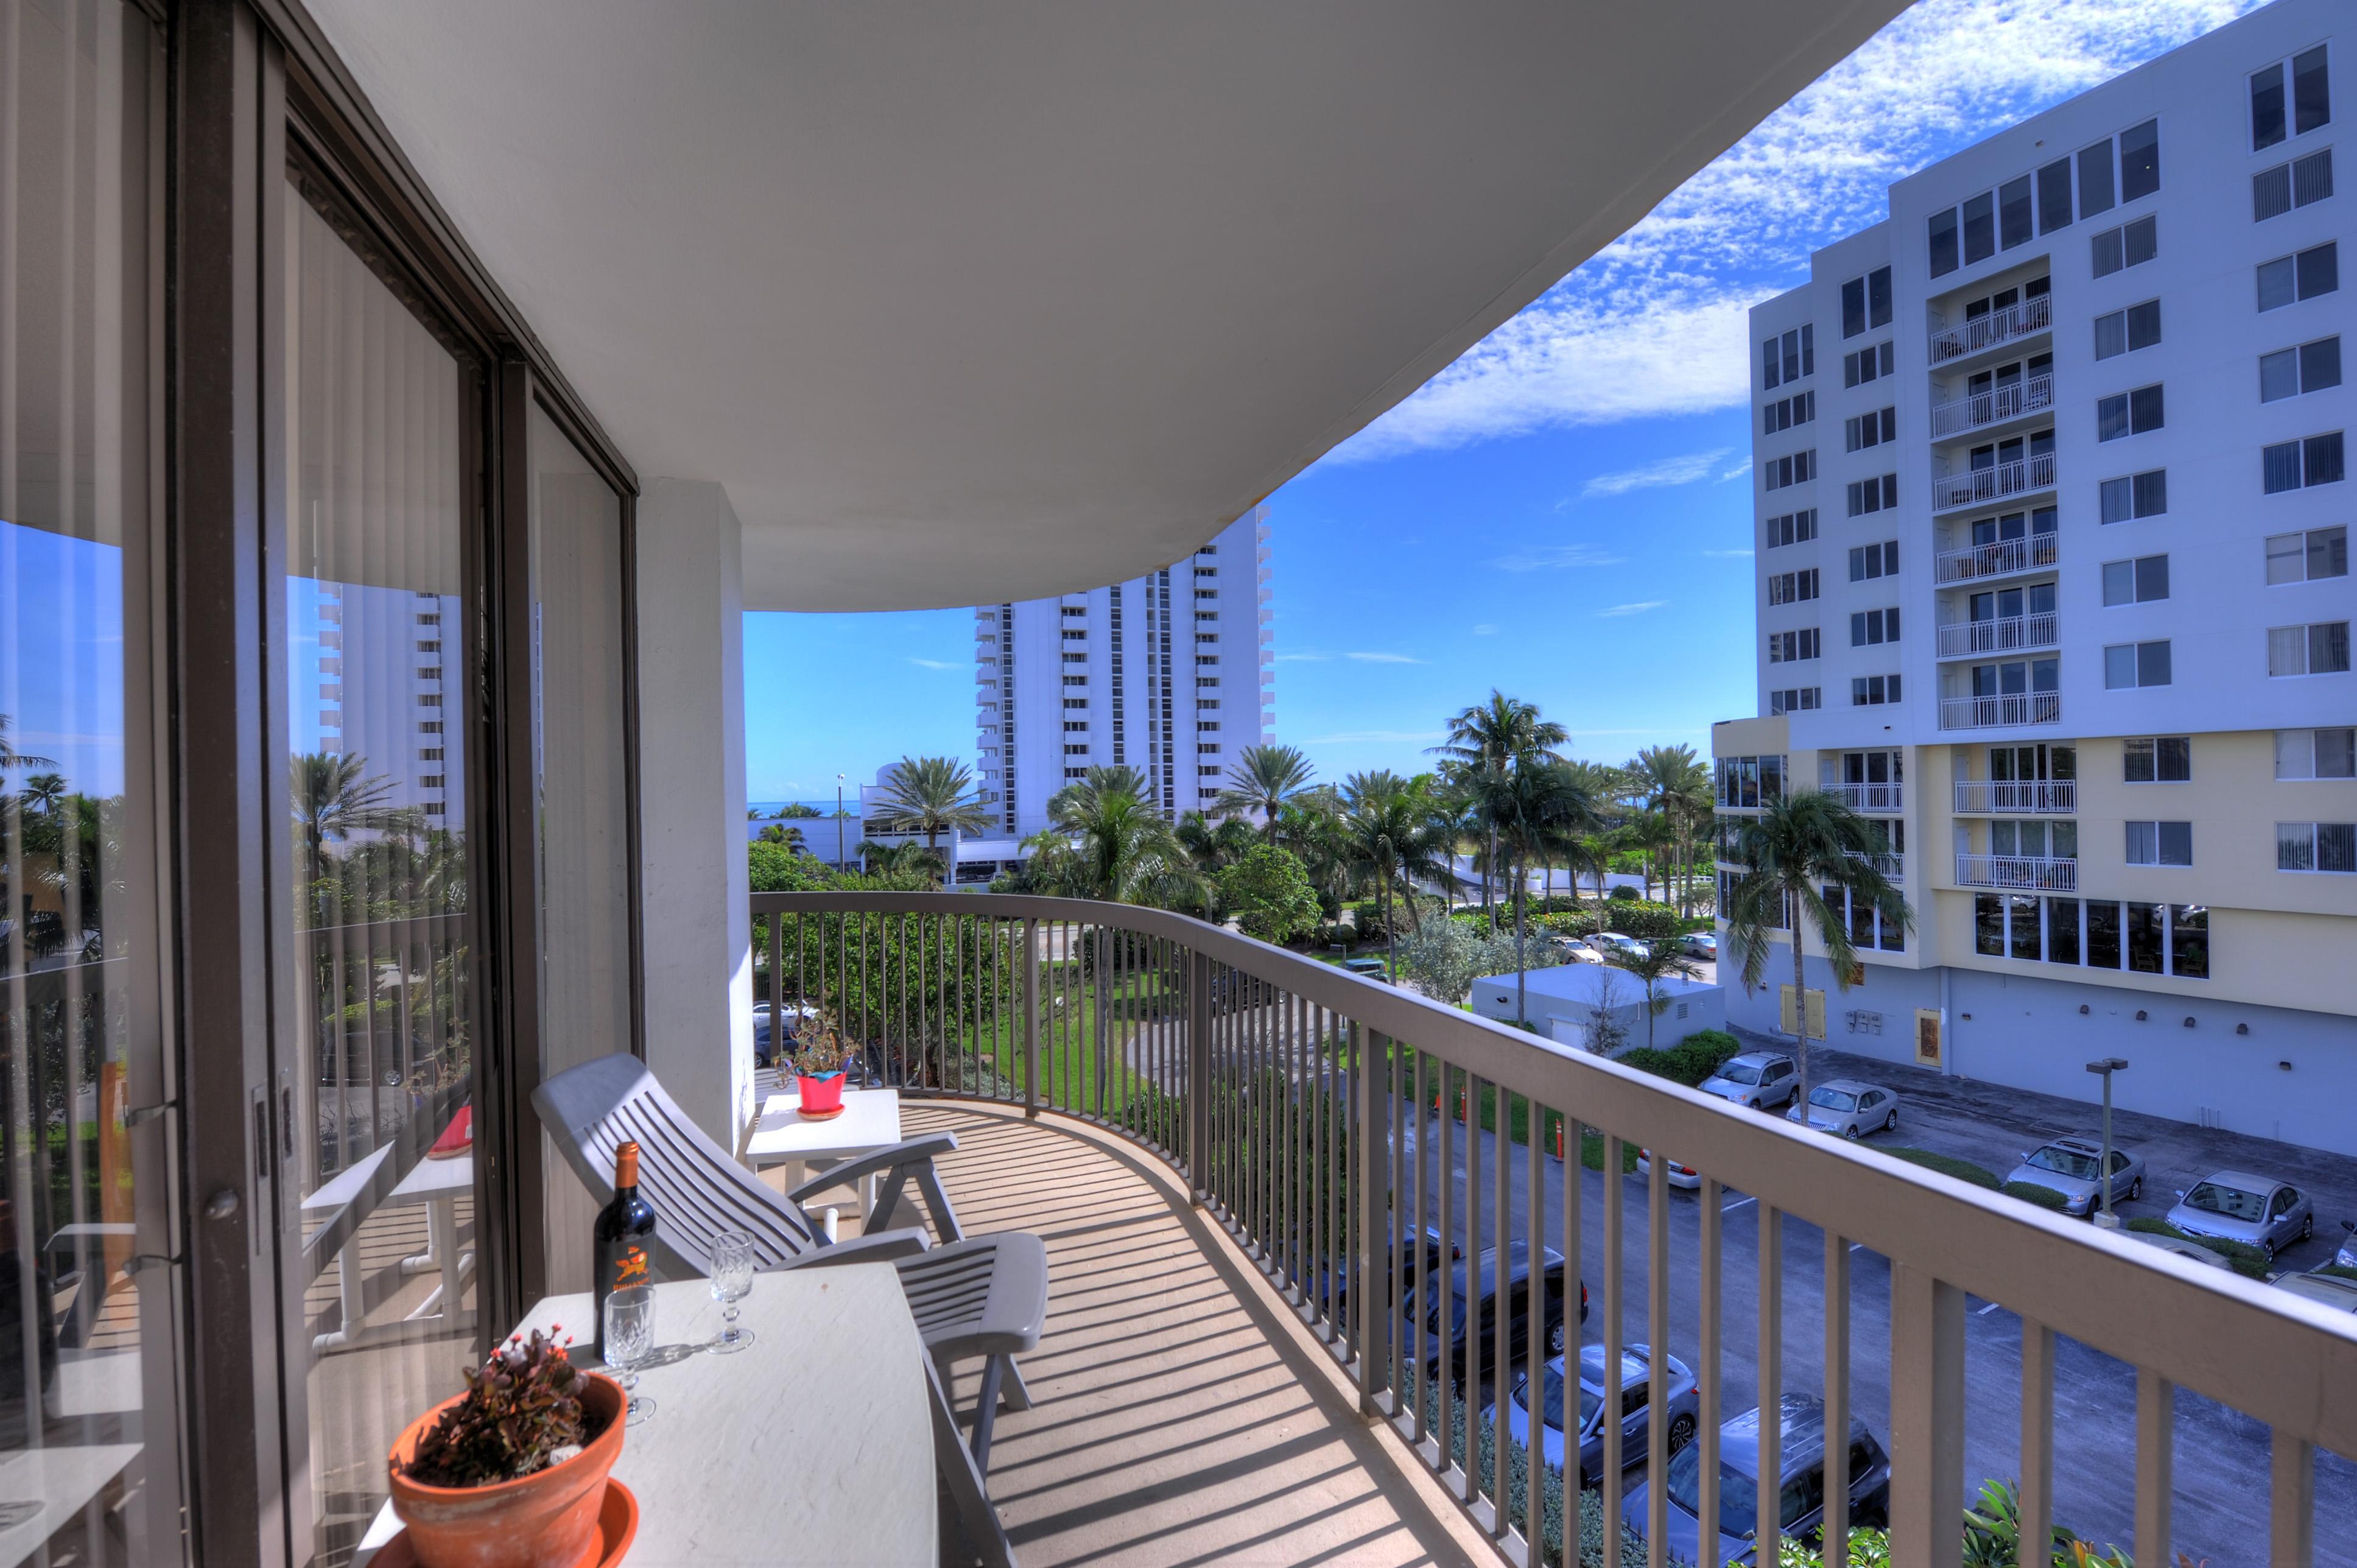 Maison unifamiliale pour l Vente à 1361 S Ocean Blvd #409 1361 S Ocean Blvd 409 Pompano Beach, Florida, 33062 États-Unis